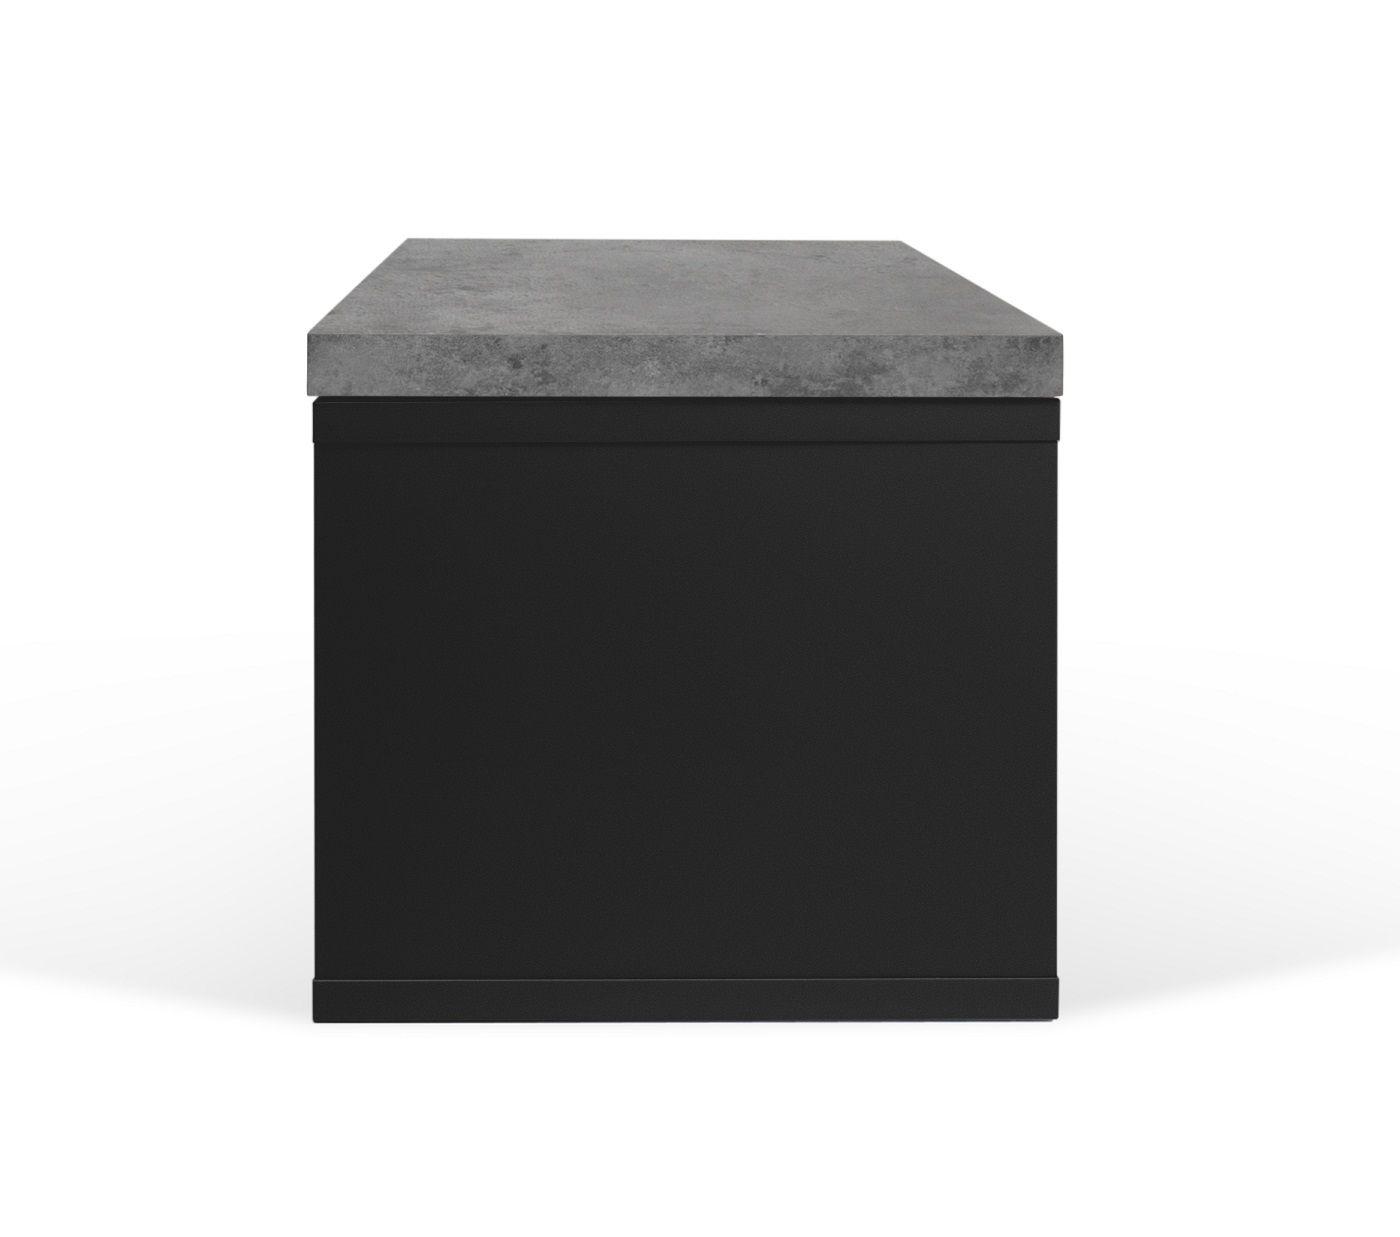 Temahome Move Tvbord - Mørk Betongrå/Sort